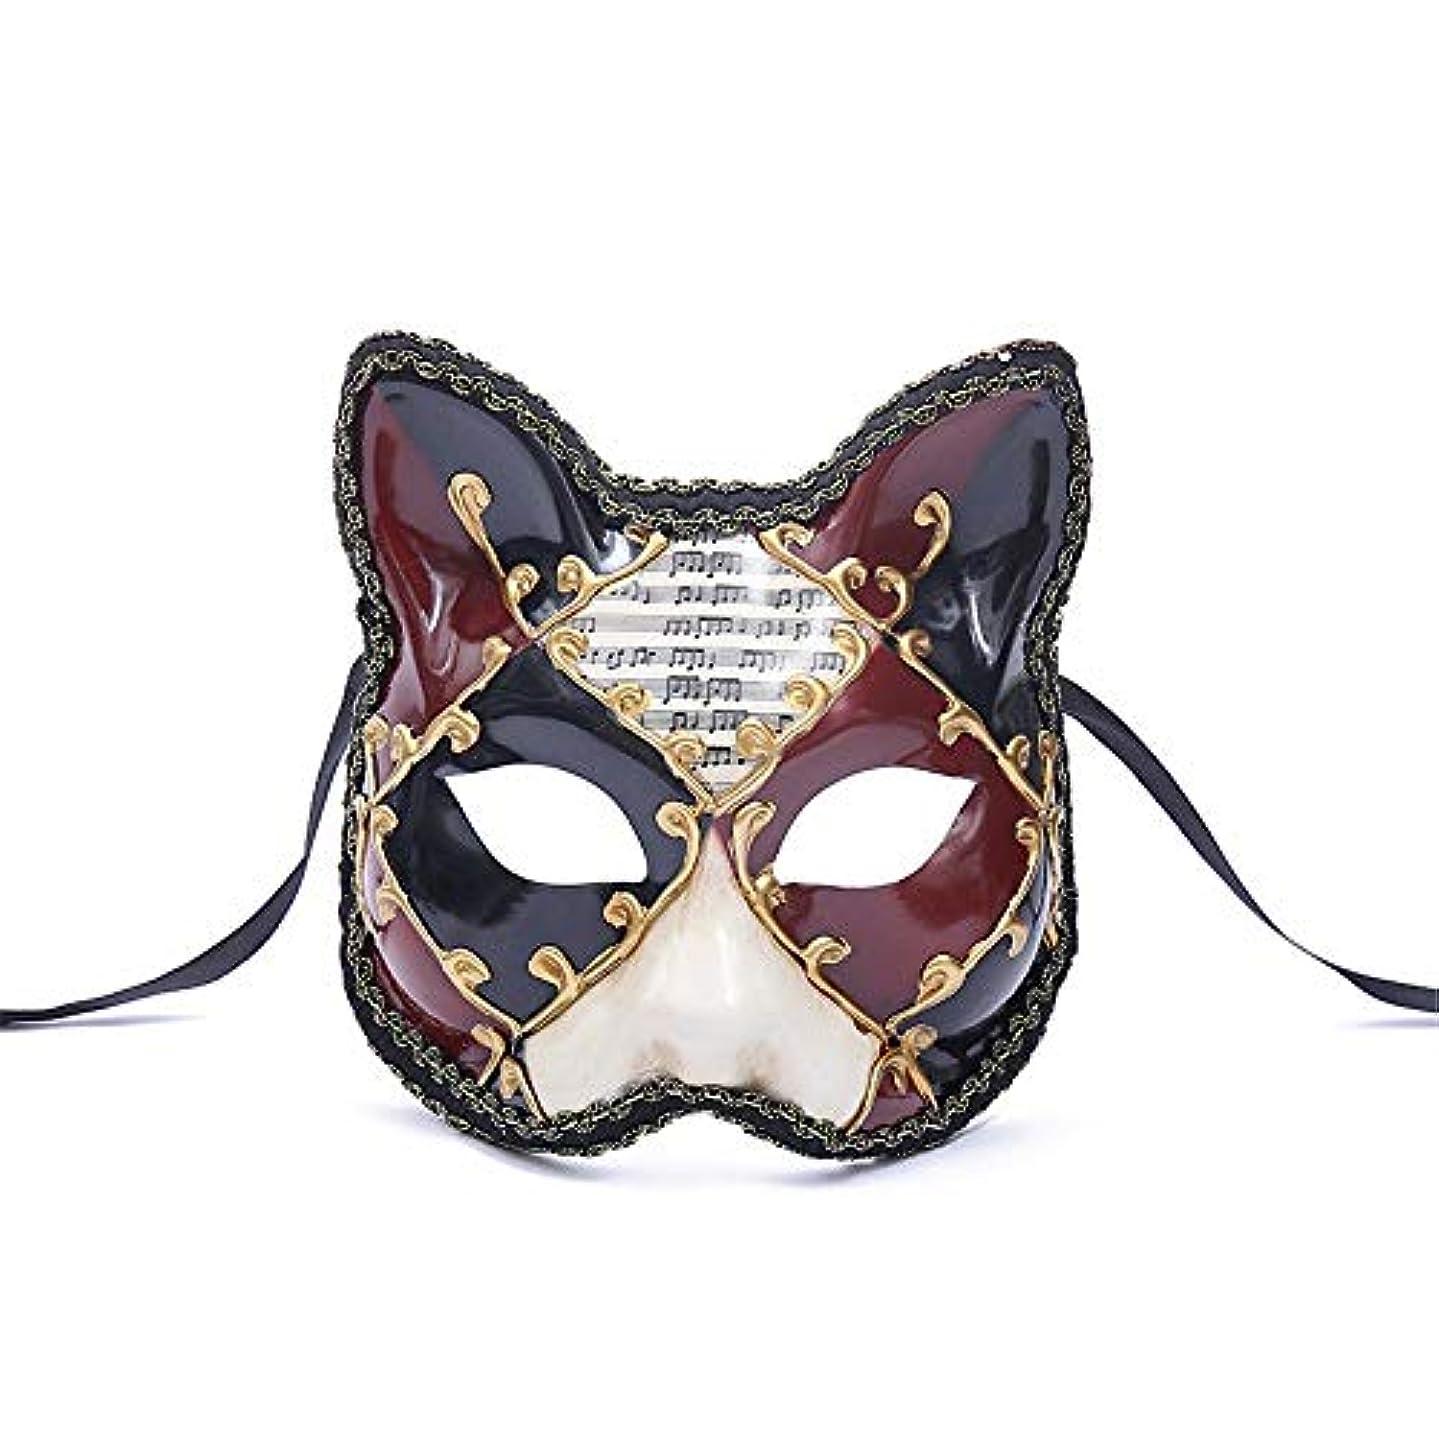 購入二度十二ダンスマスク 大きな猫アンティーク動物レトロコスプレハロウィーン仮装マスクナイトクラブマスク雰囲気フェスティバルマスク パーティーボールマスク (色 : 赤, サイズ : 17.5x16cm)